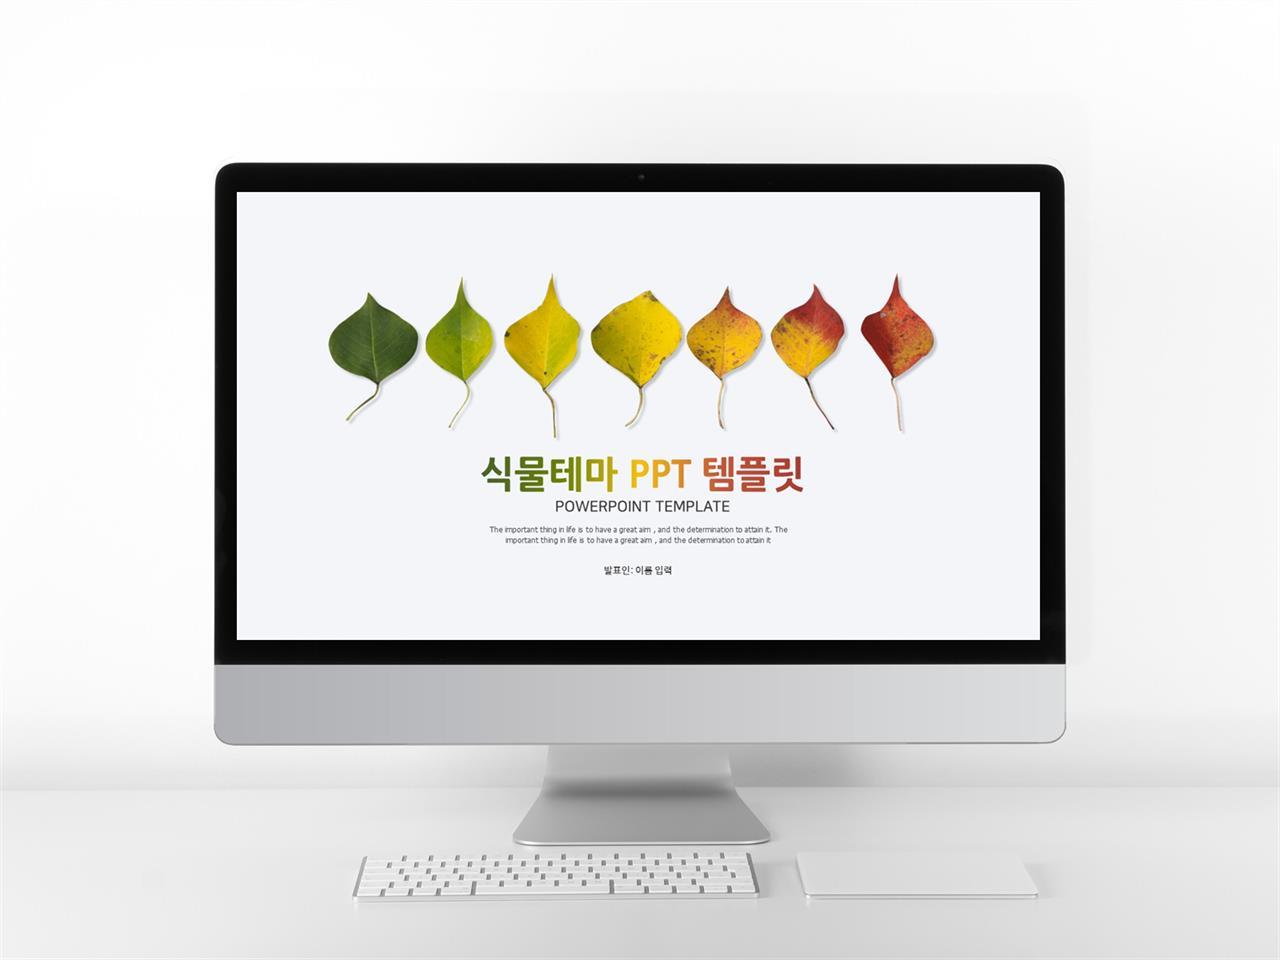 동식물, 애완동물 컬러 귀여운 멋진 POWERPOINT탬플릿 다운로드 미리보기